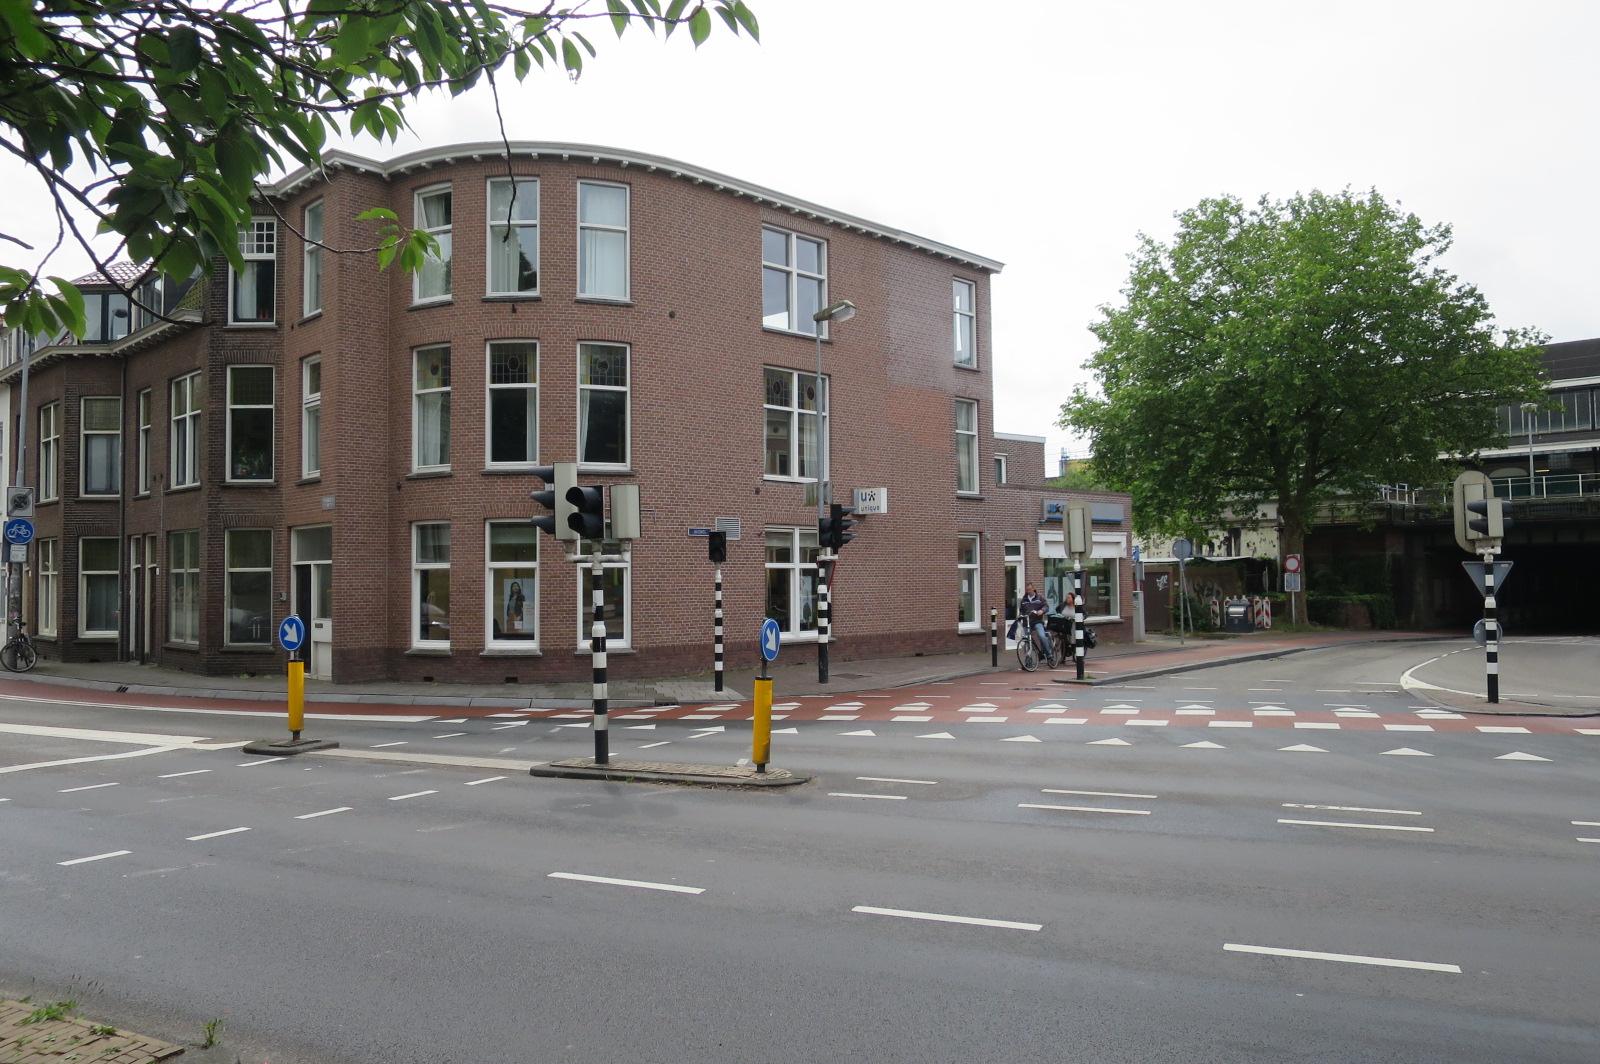 Prinsen Bolwerk, Haarlem